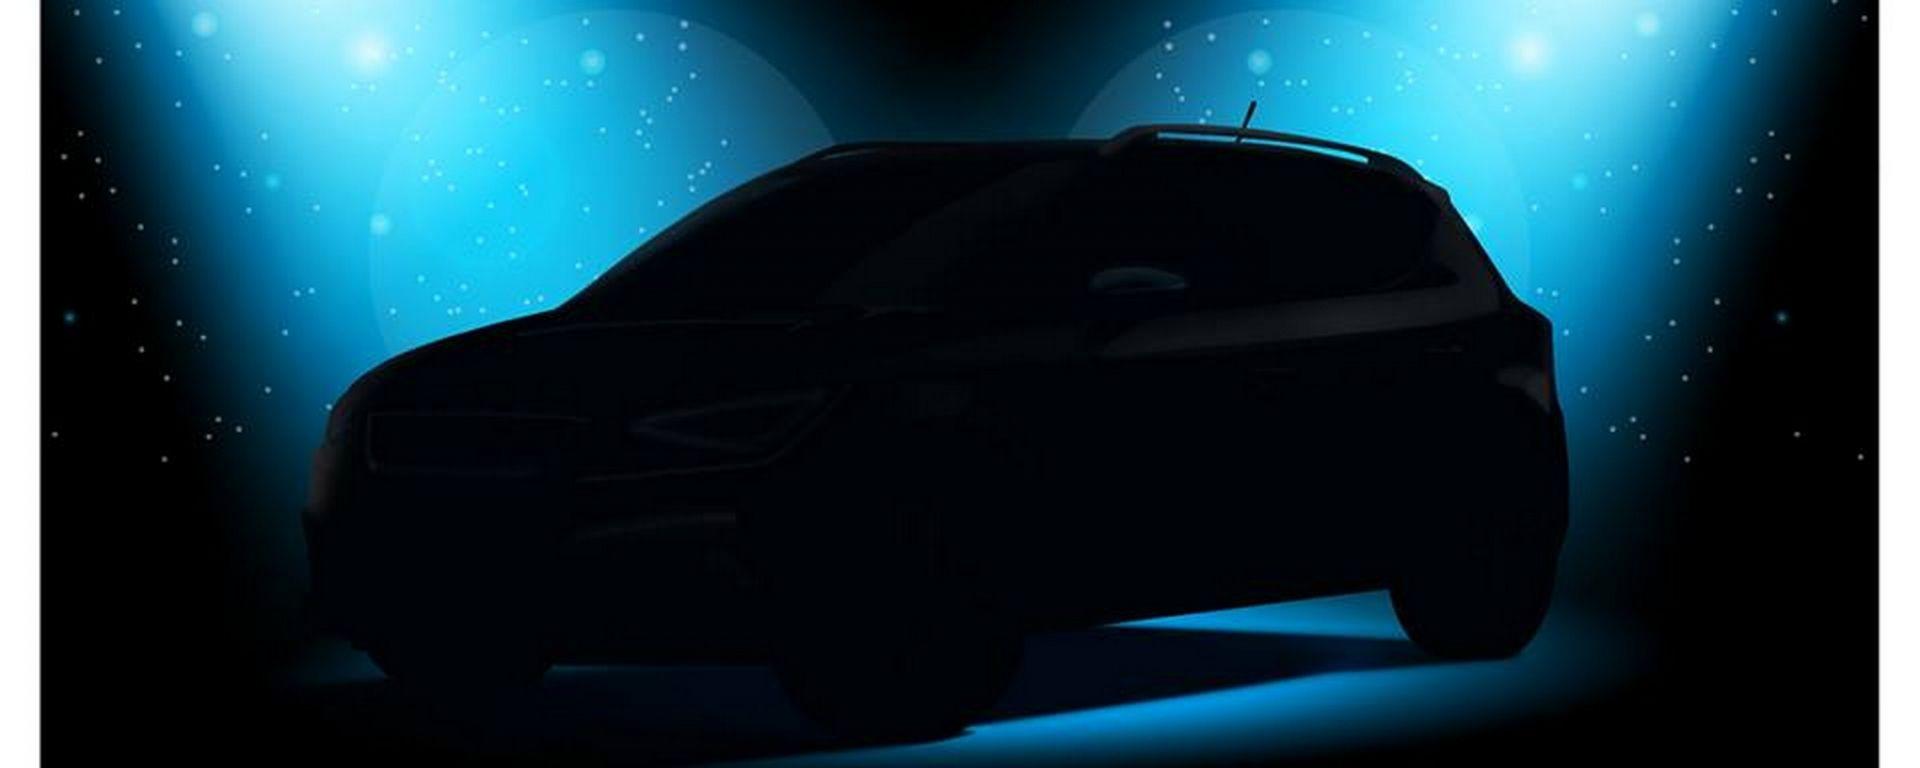 Il primo teaser della nuova Seat Arona, SUV di segmento B atteso a Francoforte